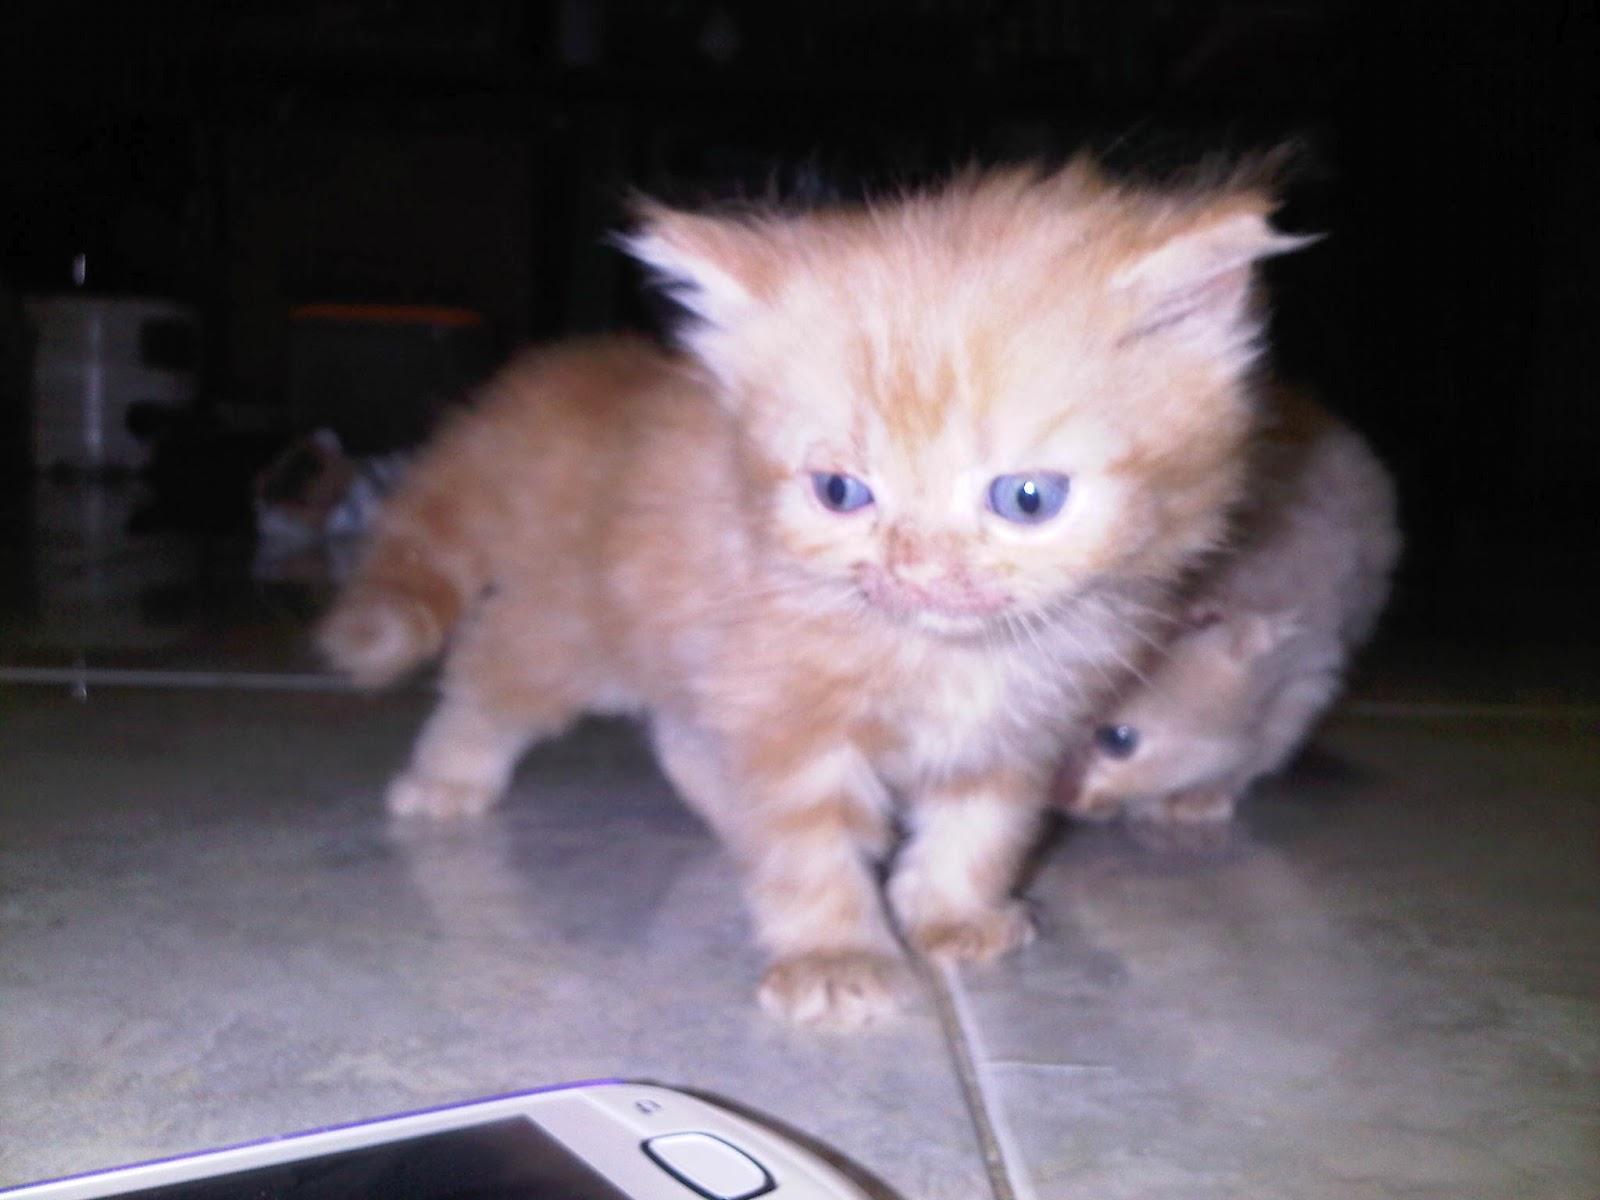 10 Cara Merawat Kucing Persia Umur 1 Bulan Yang Mudah